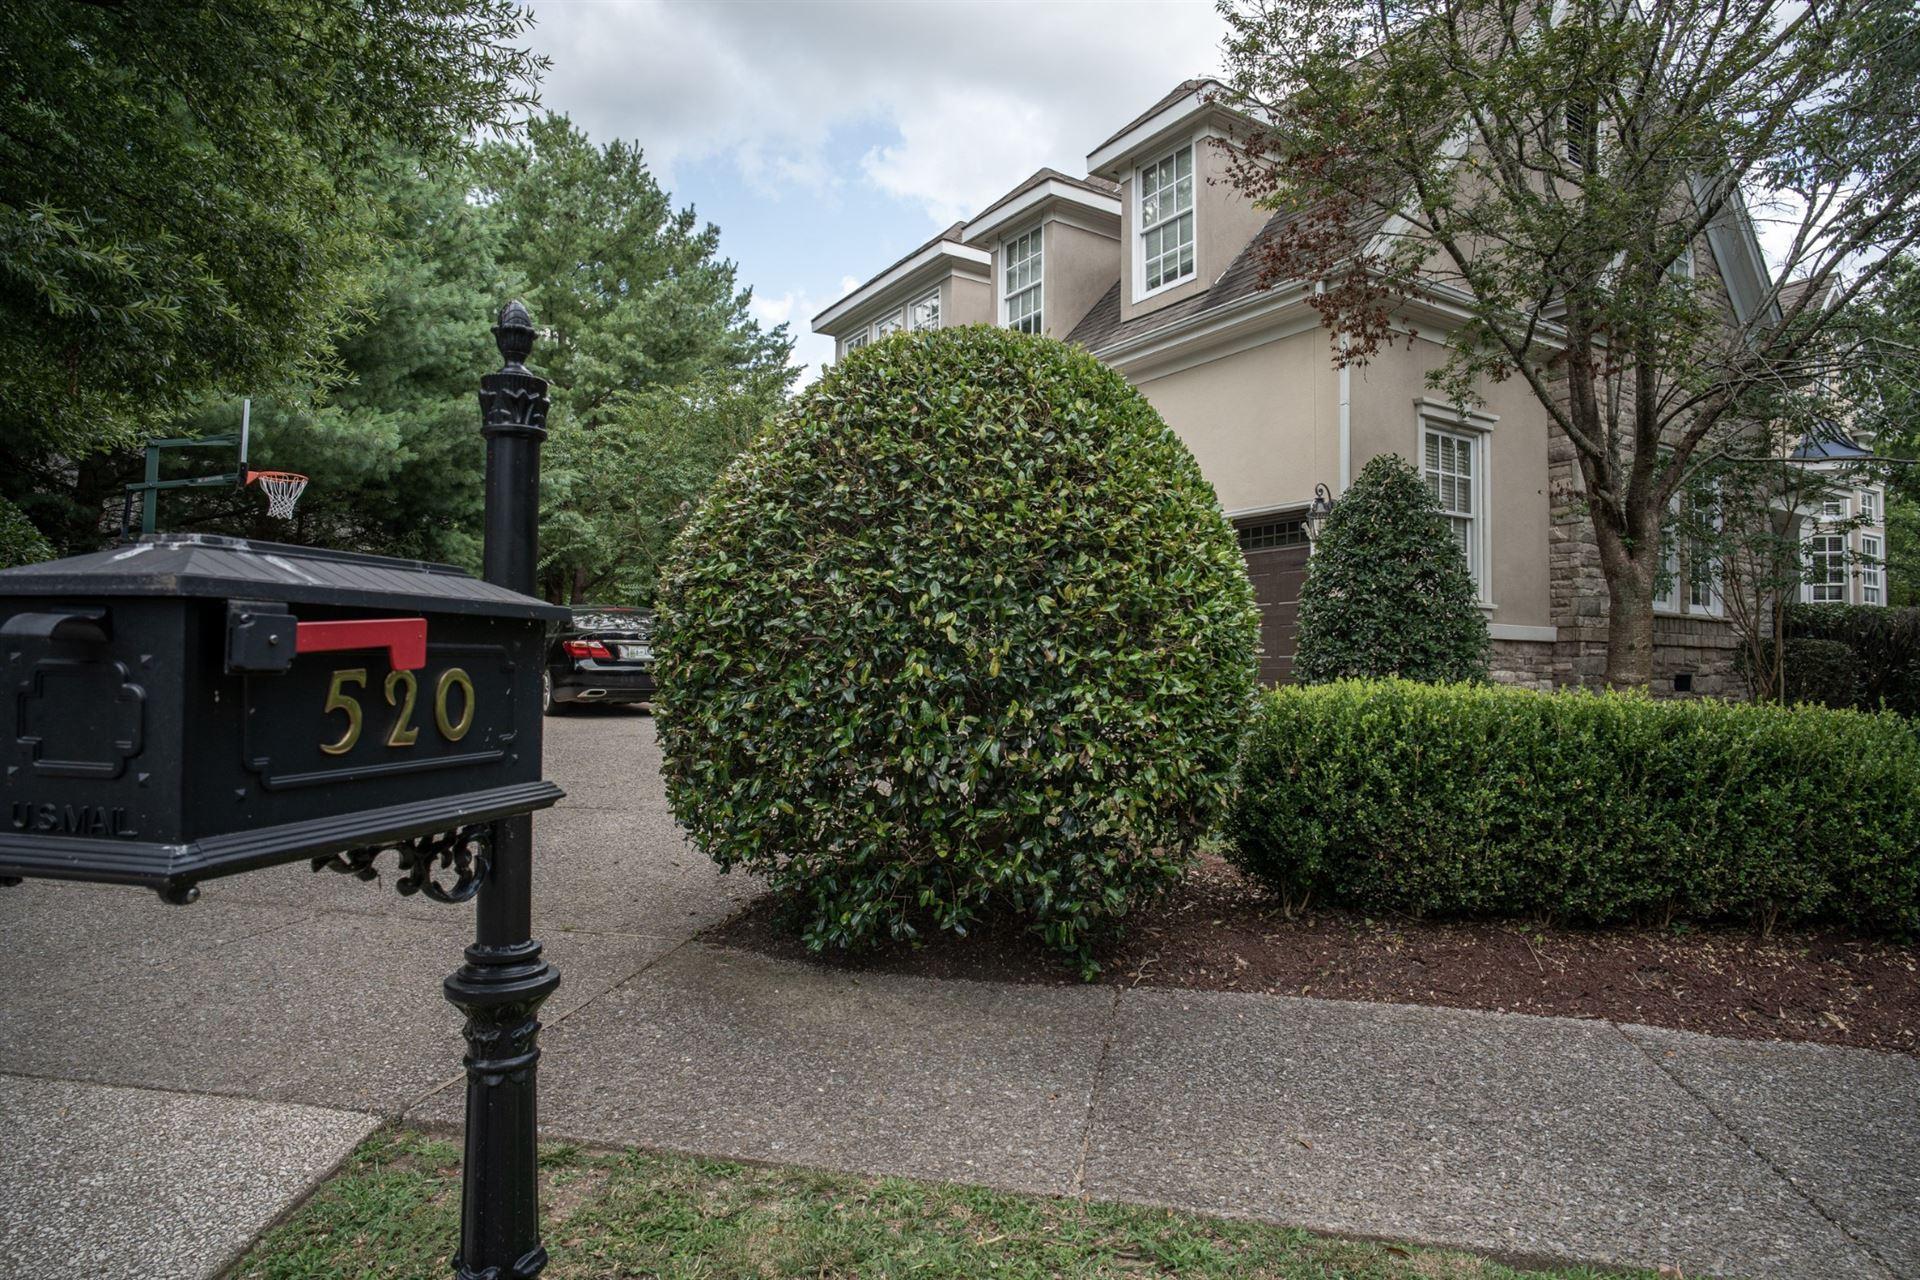 Photo of 520 Brennan Ln, Franklin, TN 37067 (MLS # 2171976)